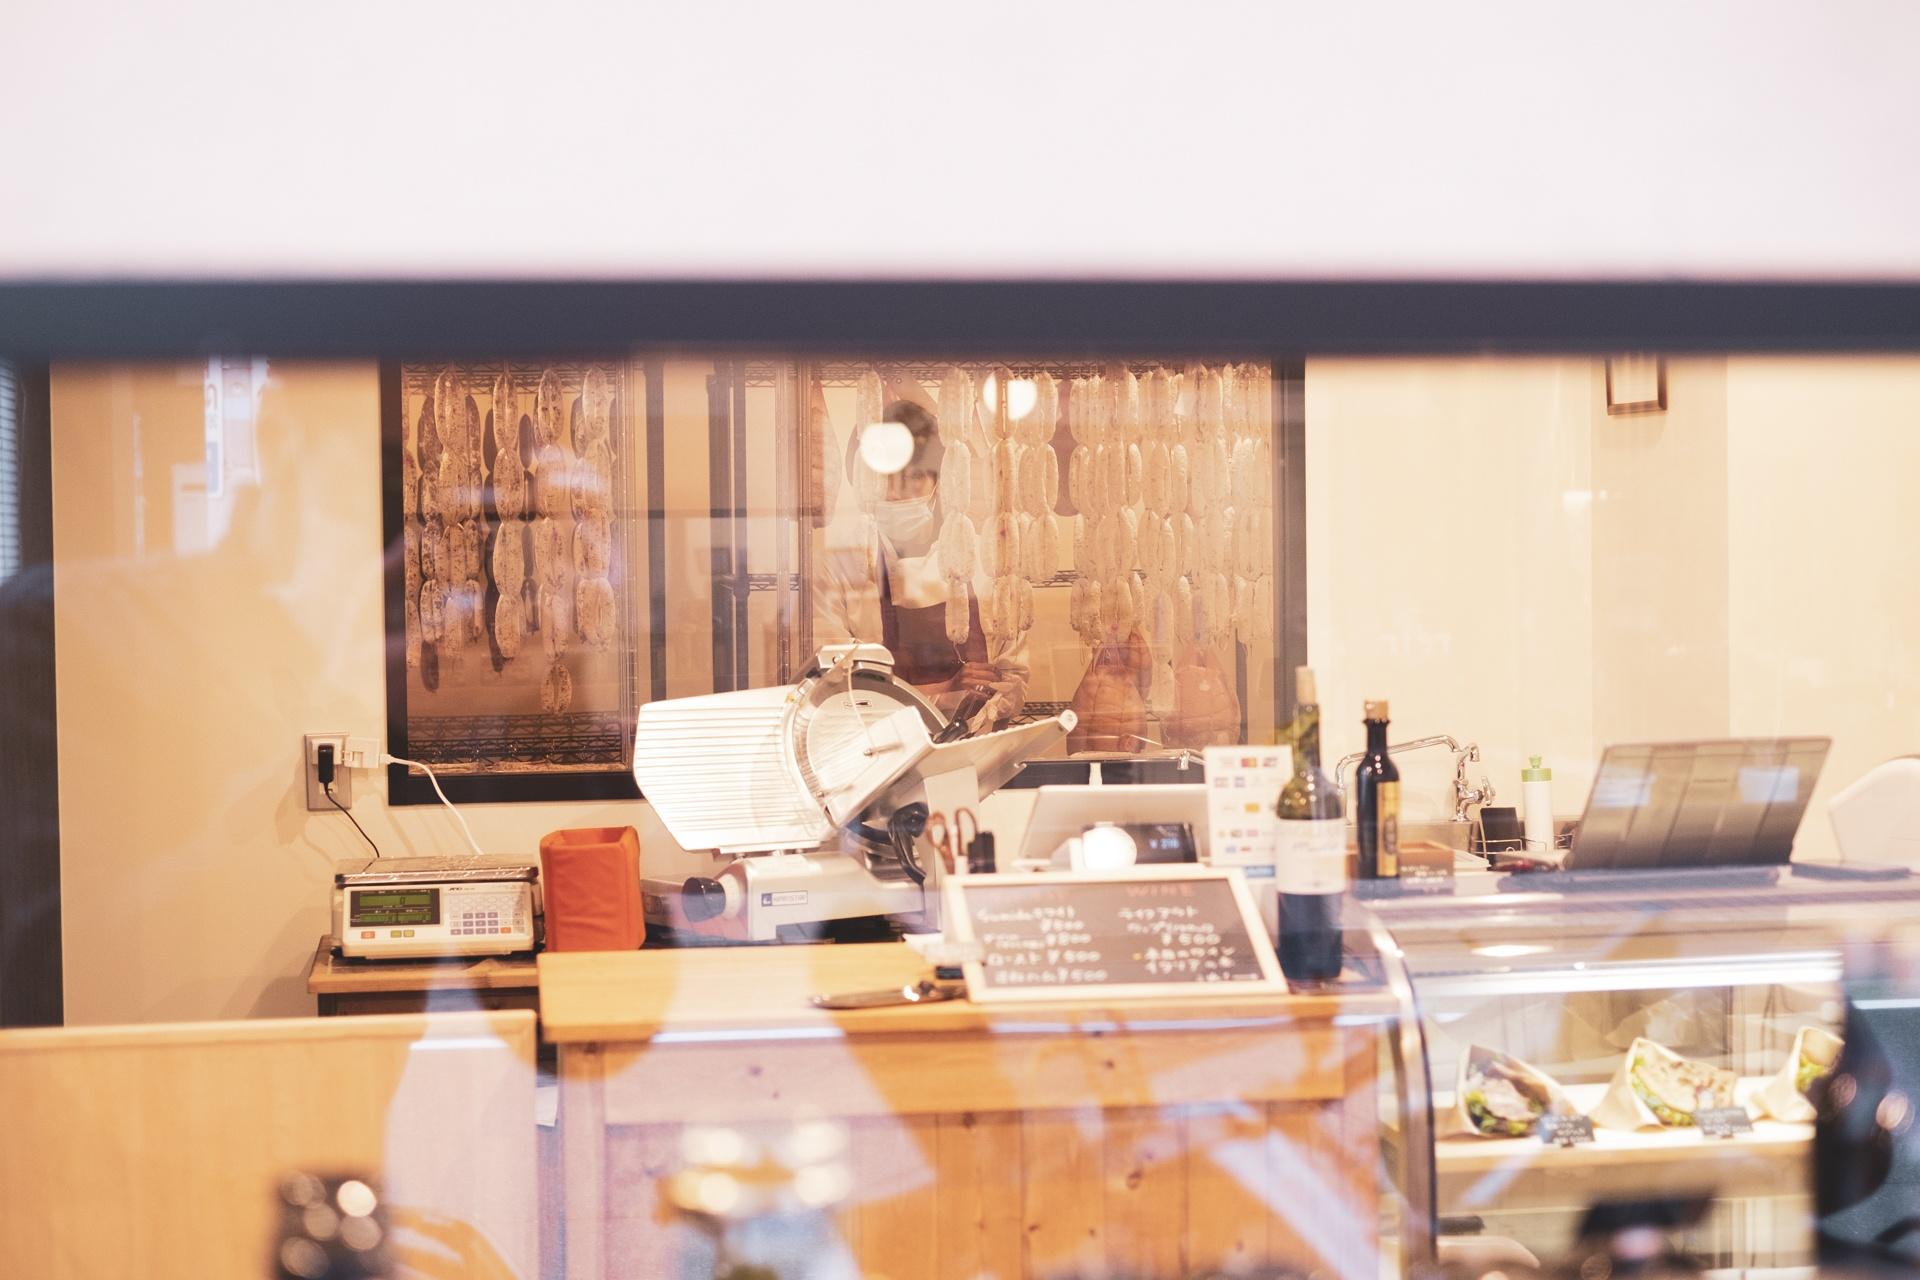 Otis 生ハム、サラミの製造工房オーティス